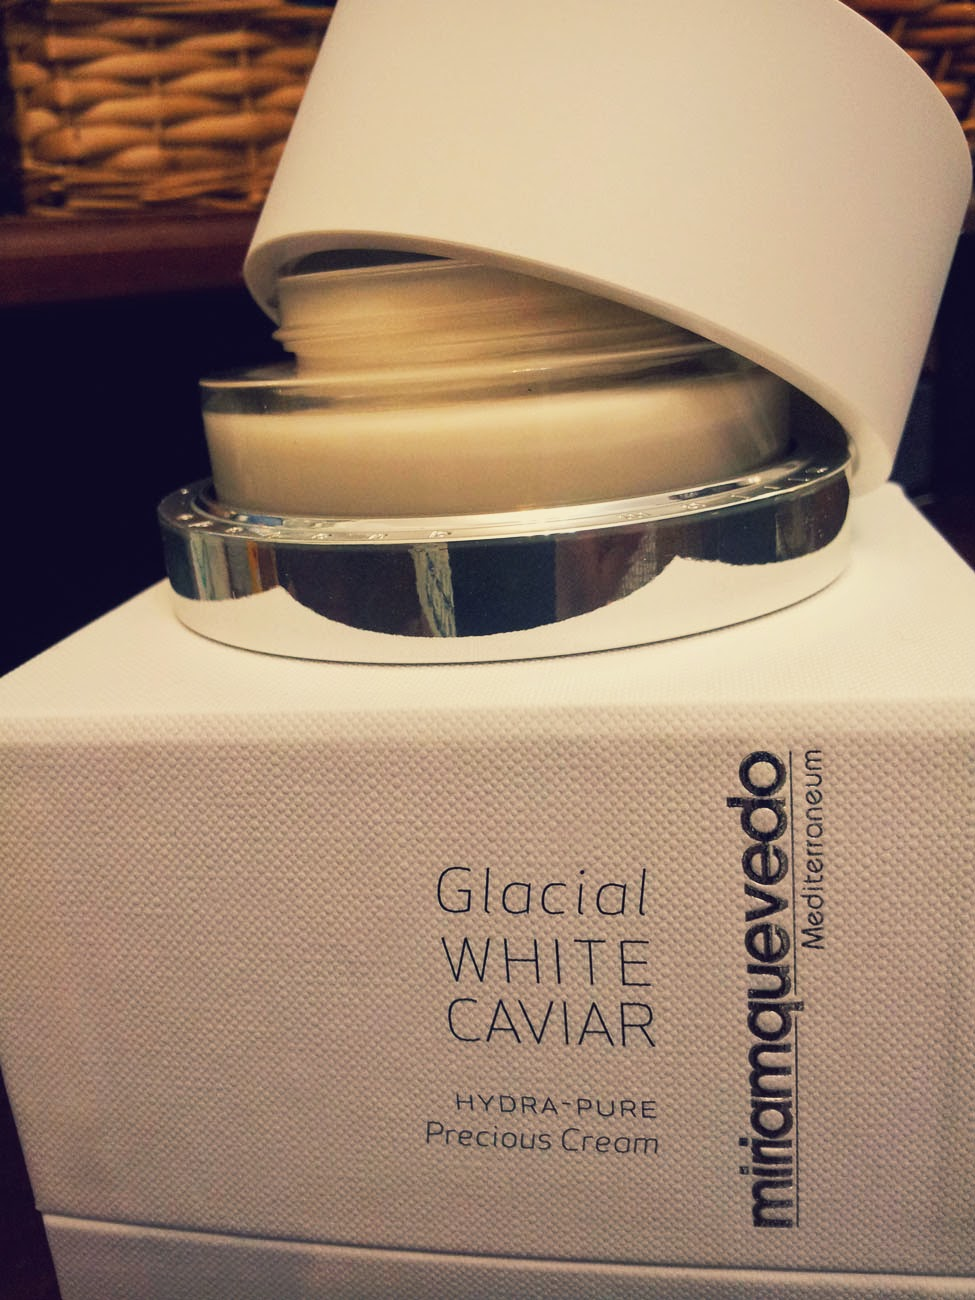 glacial+white+caviar